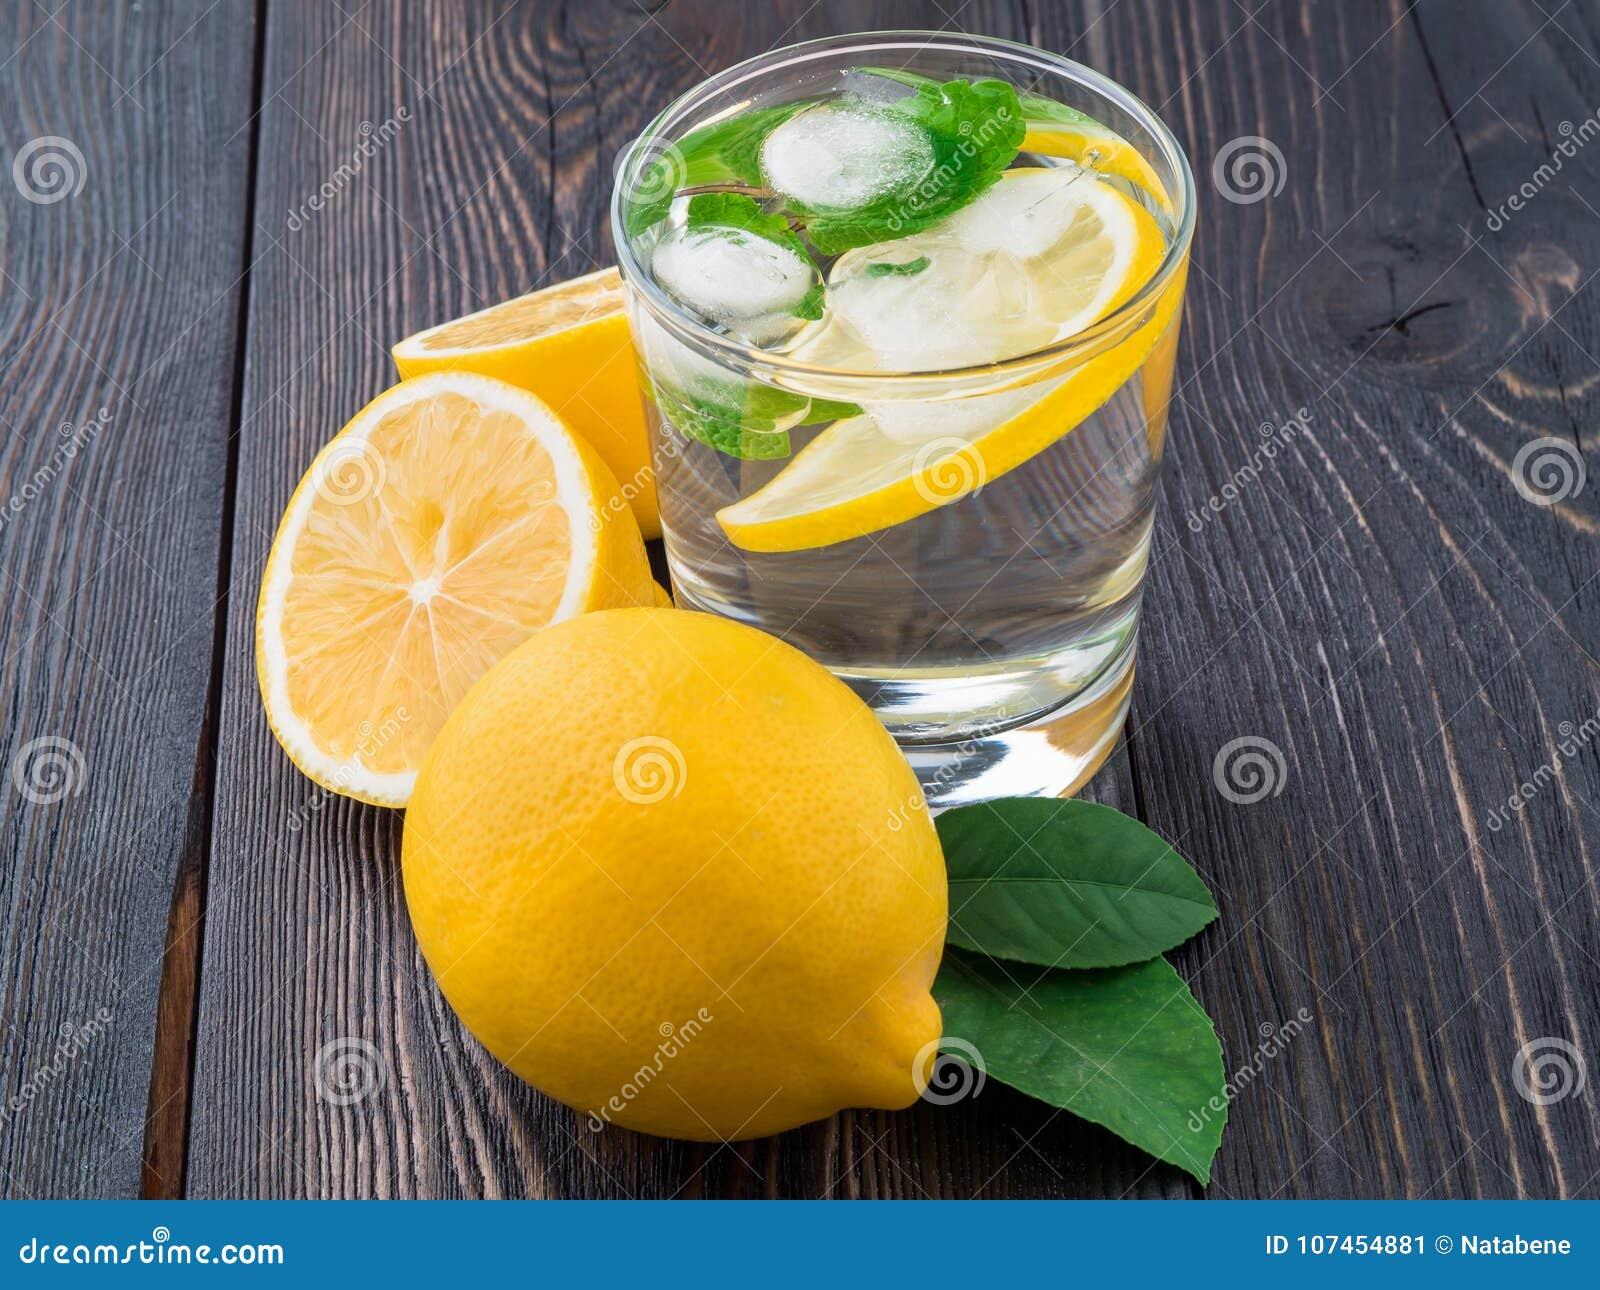 Limonada en un vidrio, un limón medio, hojas frescas en el marrón oscuro wo